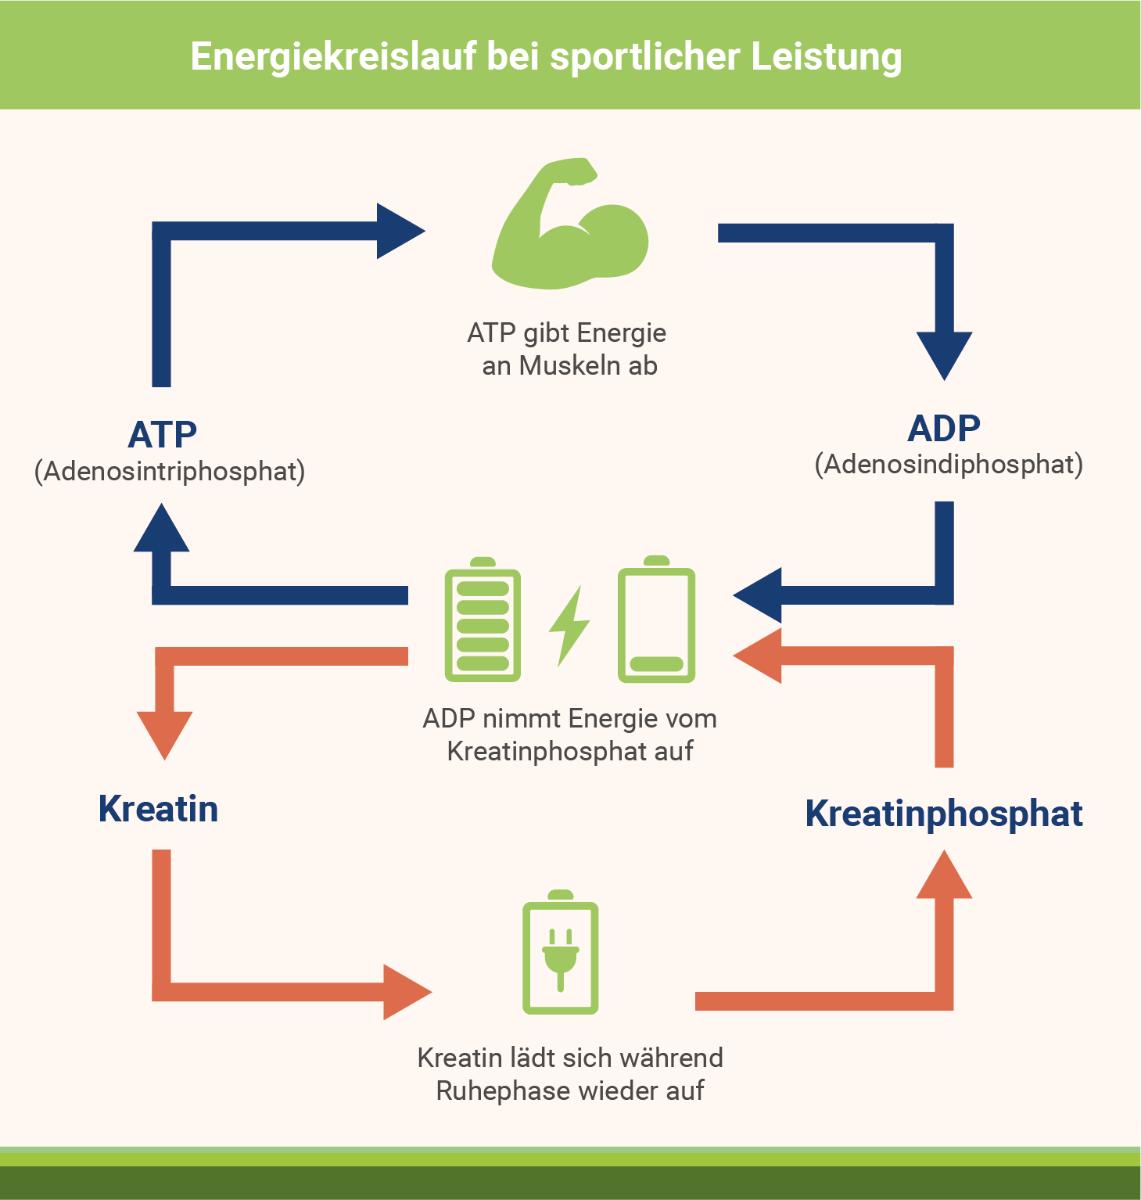 infografik-energiekreislauf-bei-sportlicher-leistung